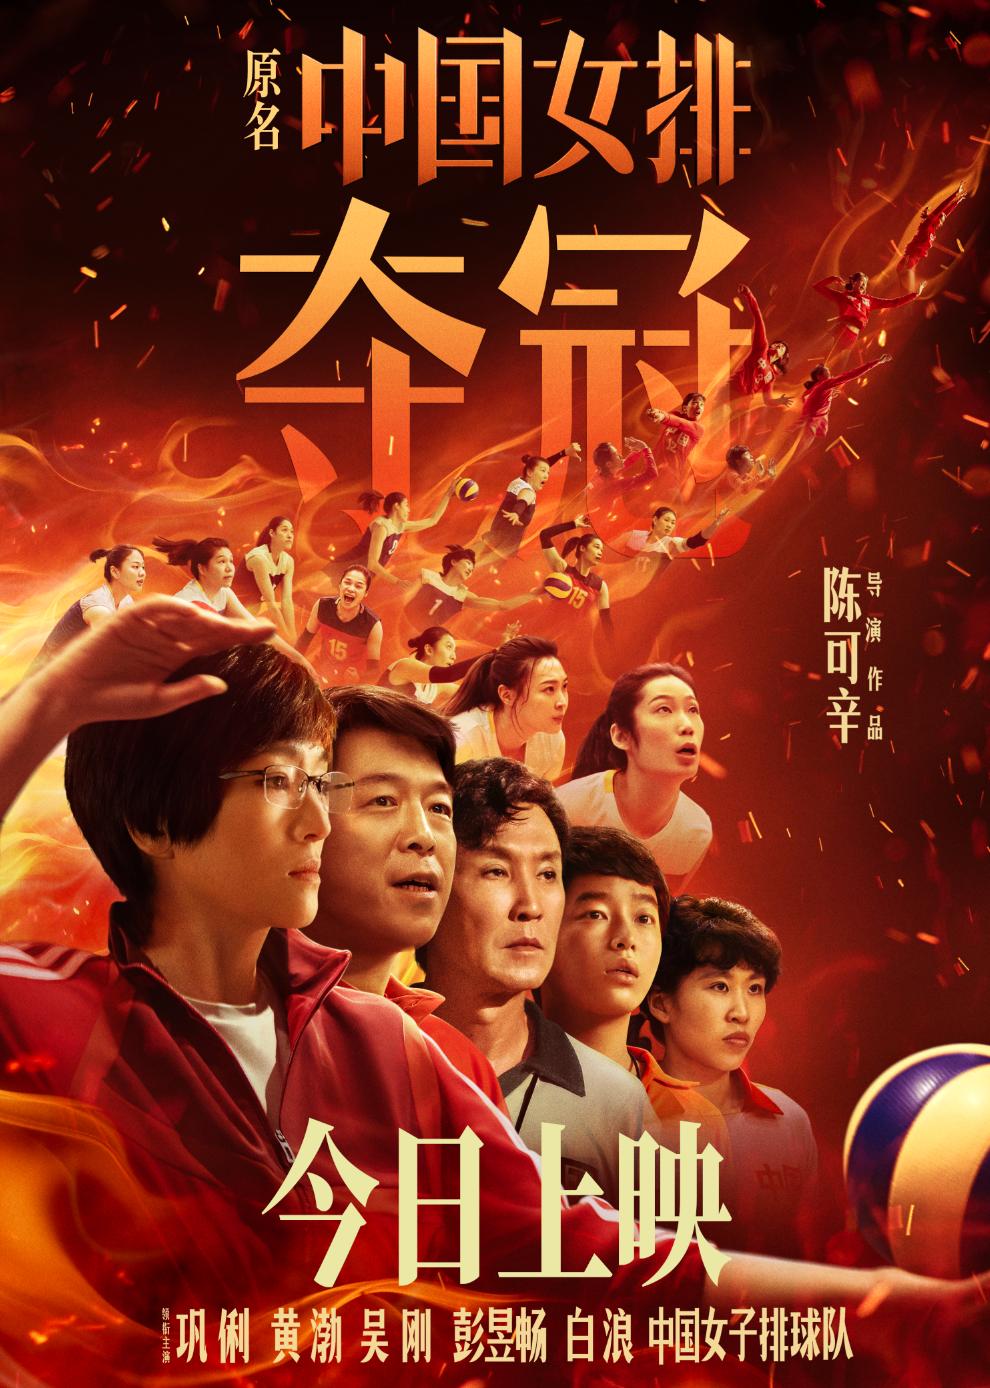 为中国女排发力!年度国民燃片《夺冠》9.25开播